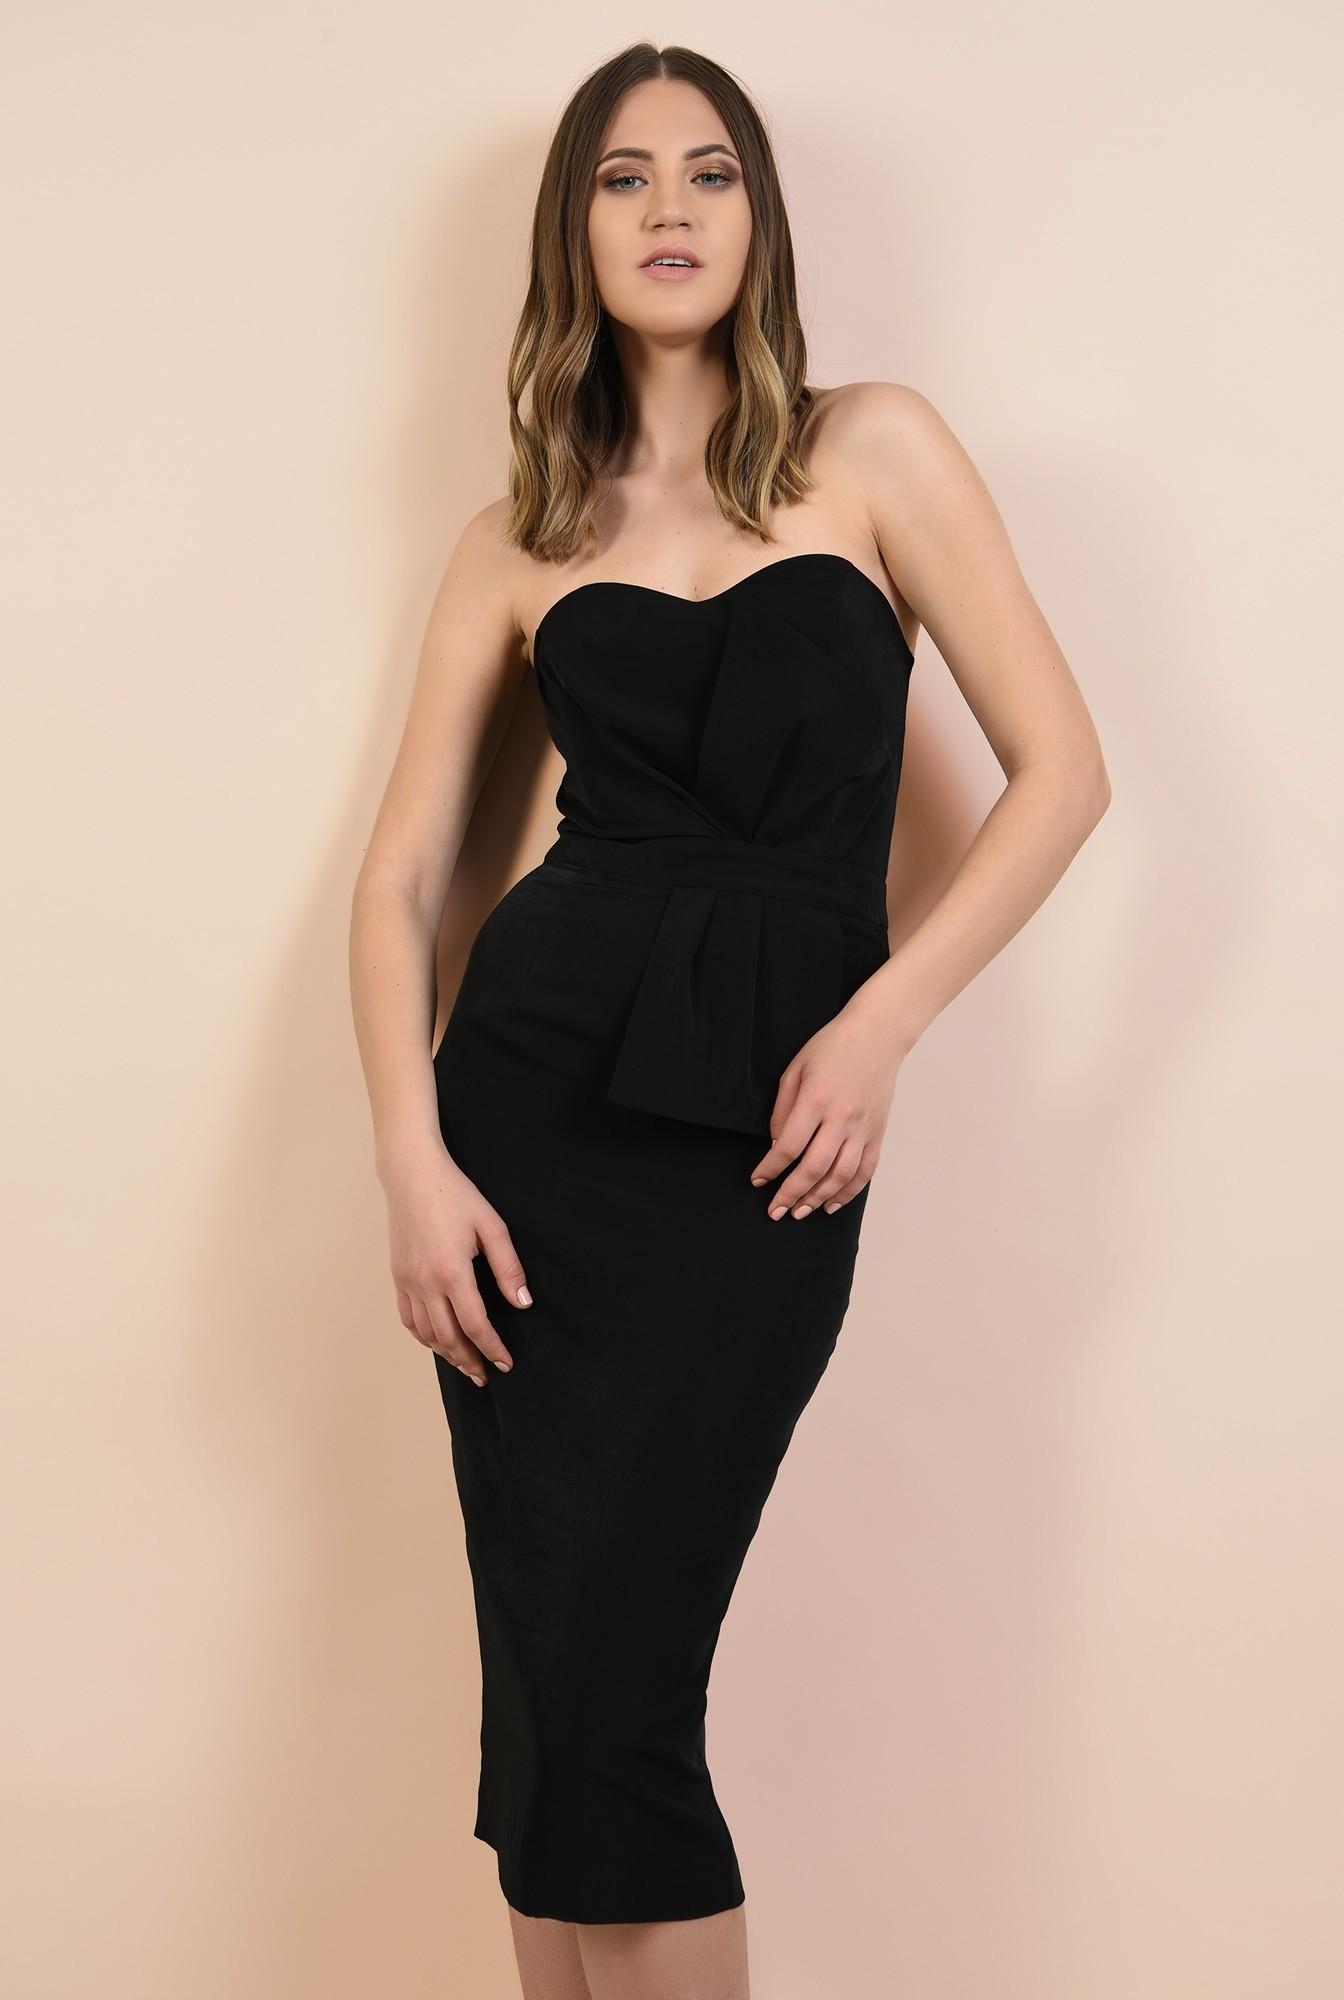 0 - rochie de seara, bodycon, croi conic, corset cu funda, neagra